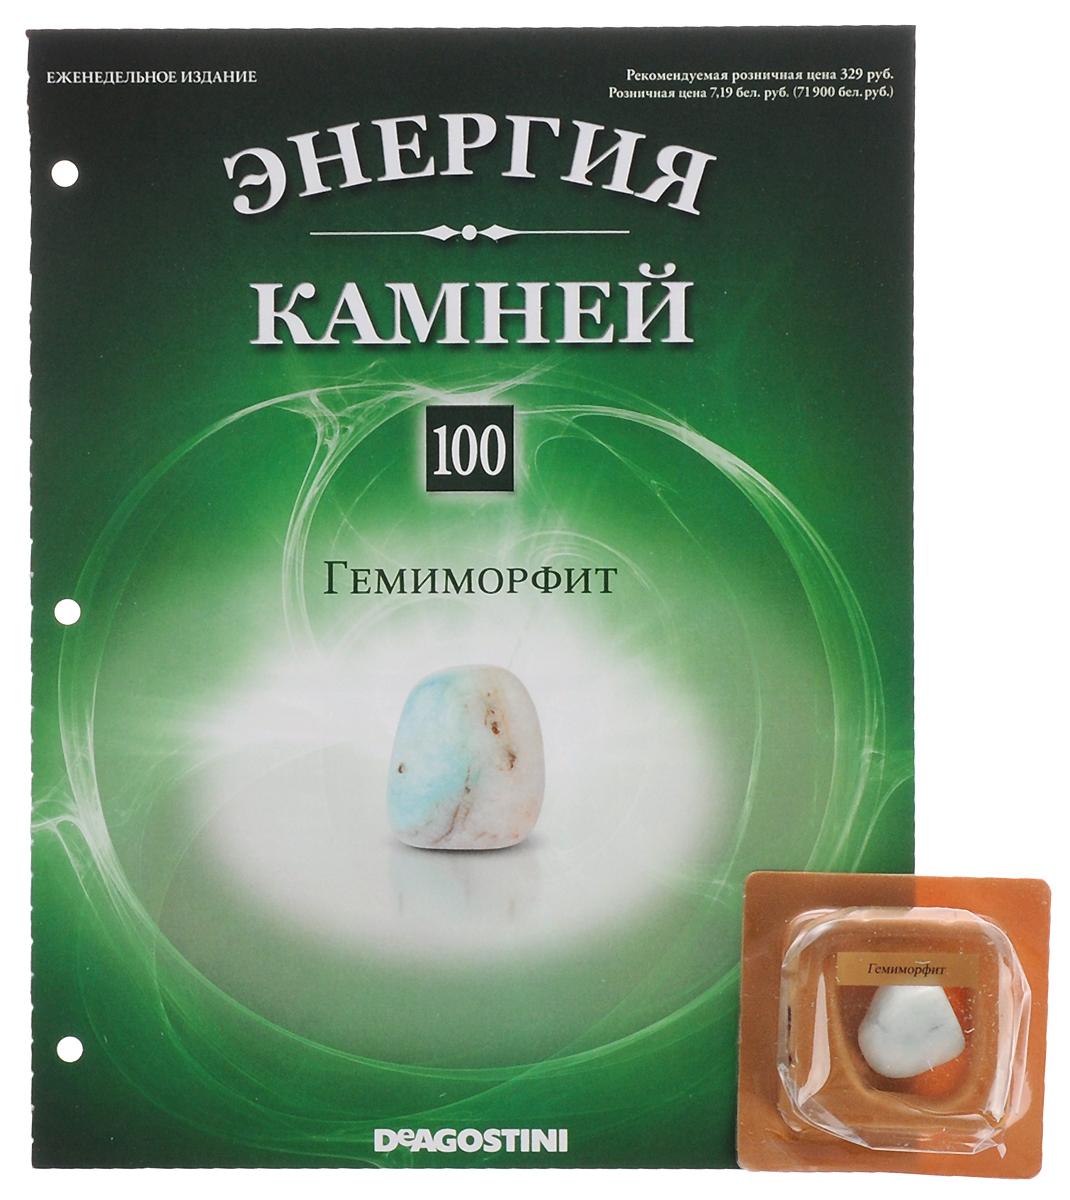 """Журнал """"Энергия камней"""" №100,"""